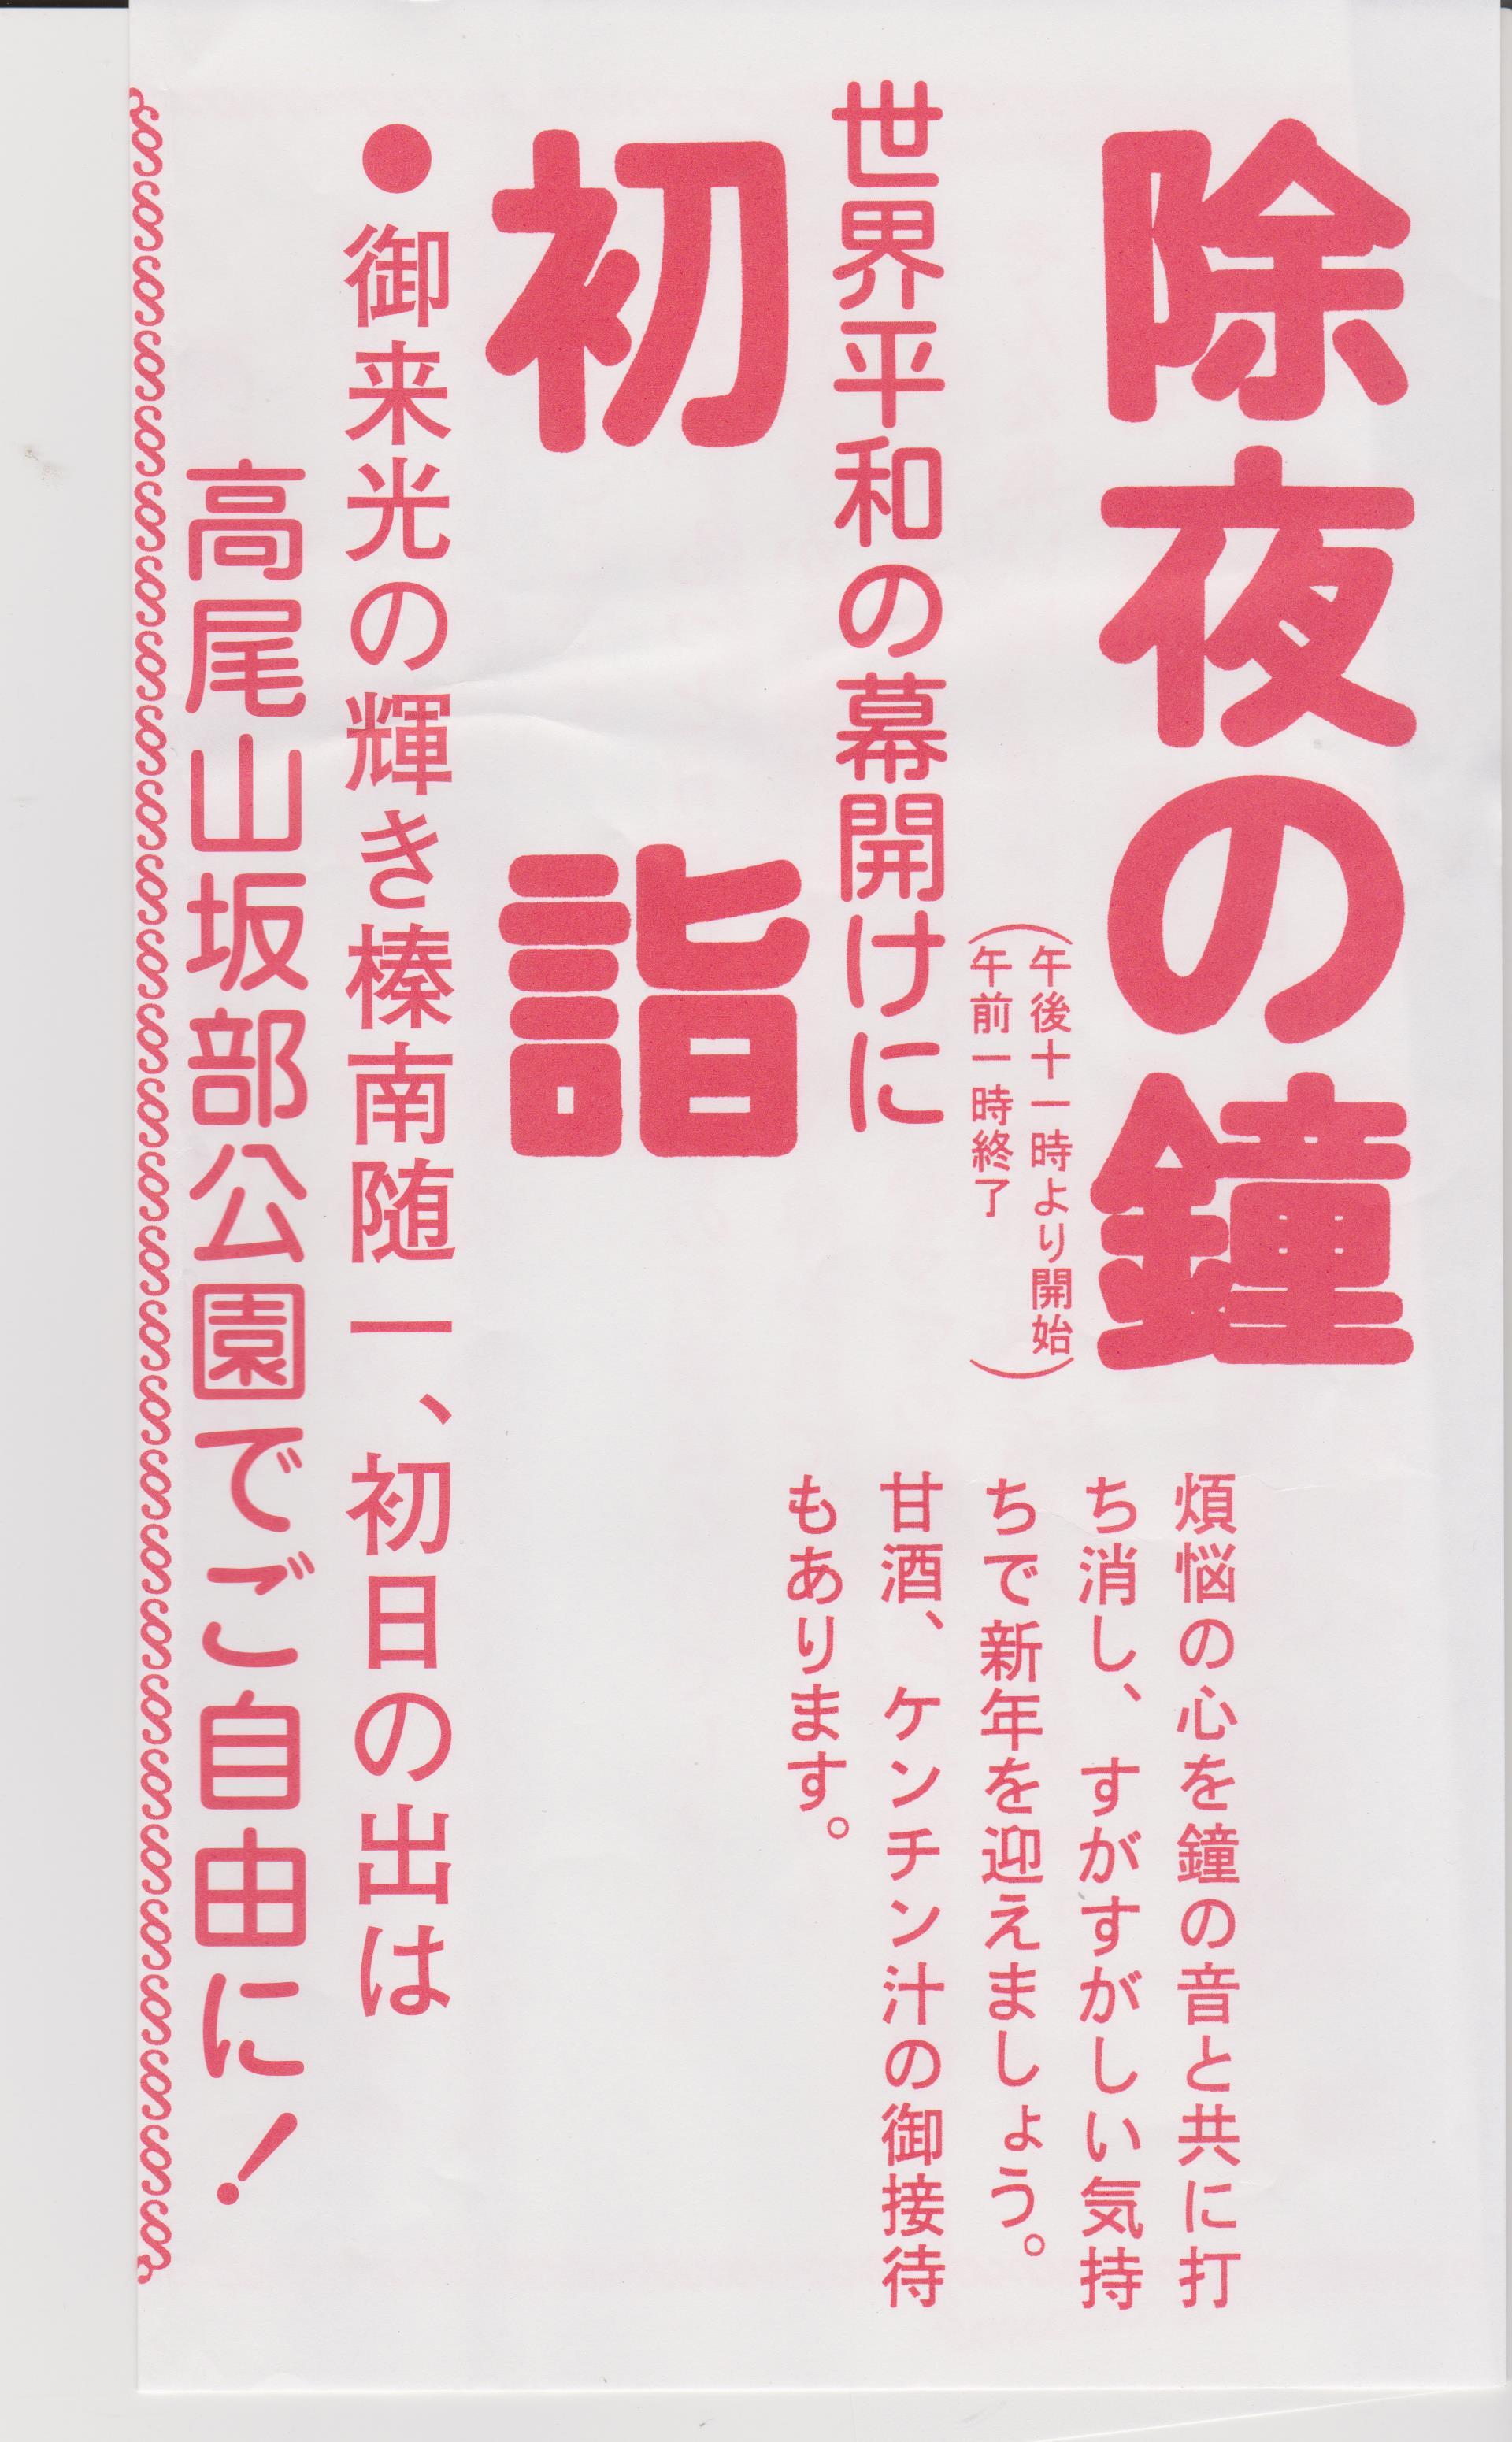 takaosan-jyoyanokane-2014.jpeg